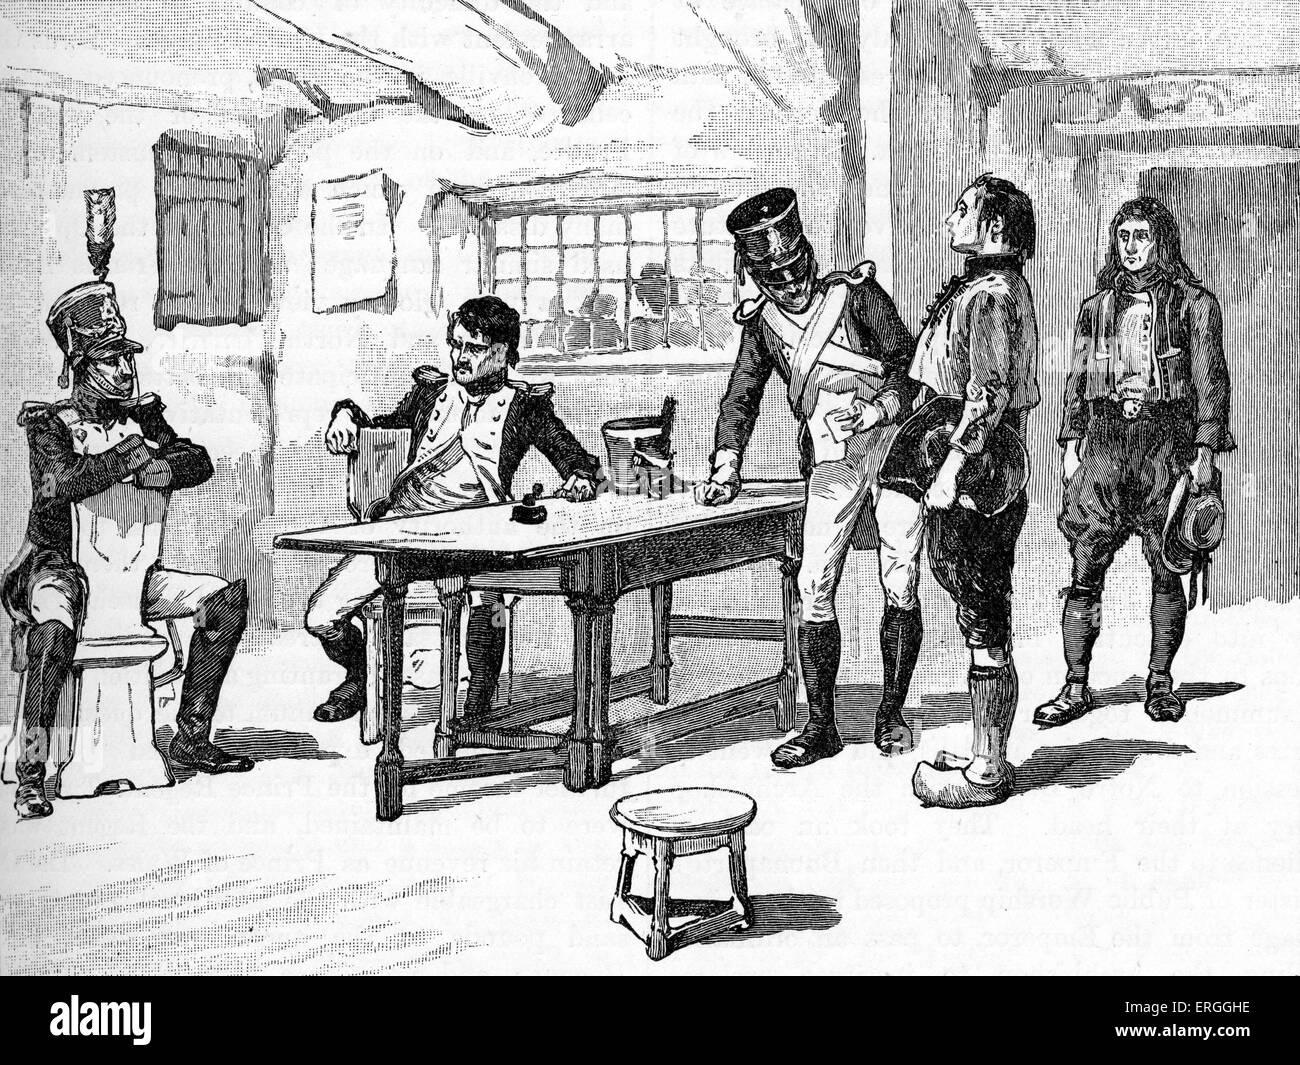 La conscripción en Francia durante las Guerras Napoleónicas.Guerras Napoleónicas, serie de guerras declaradas contra Napoleón I 's Imperio Francés por Foto de stock